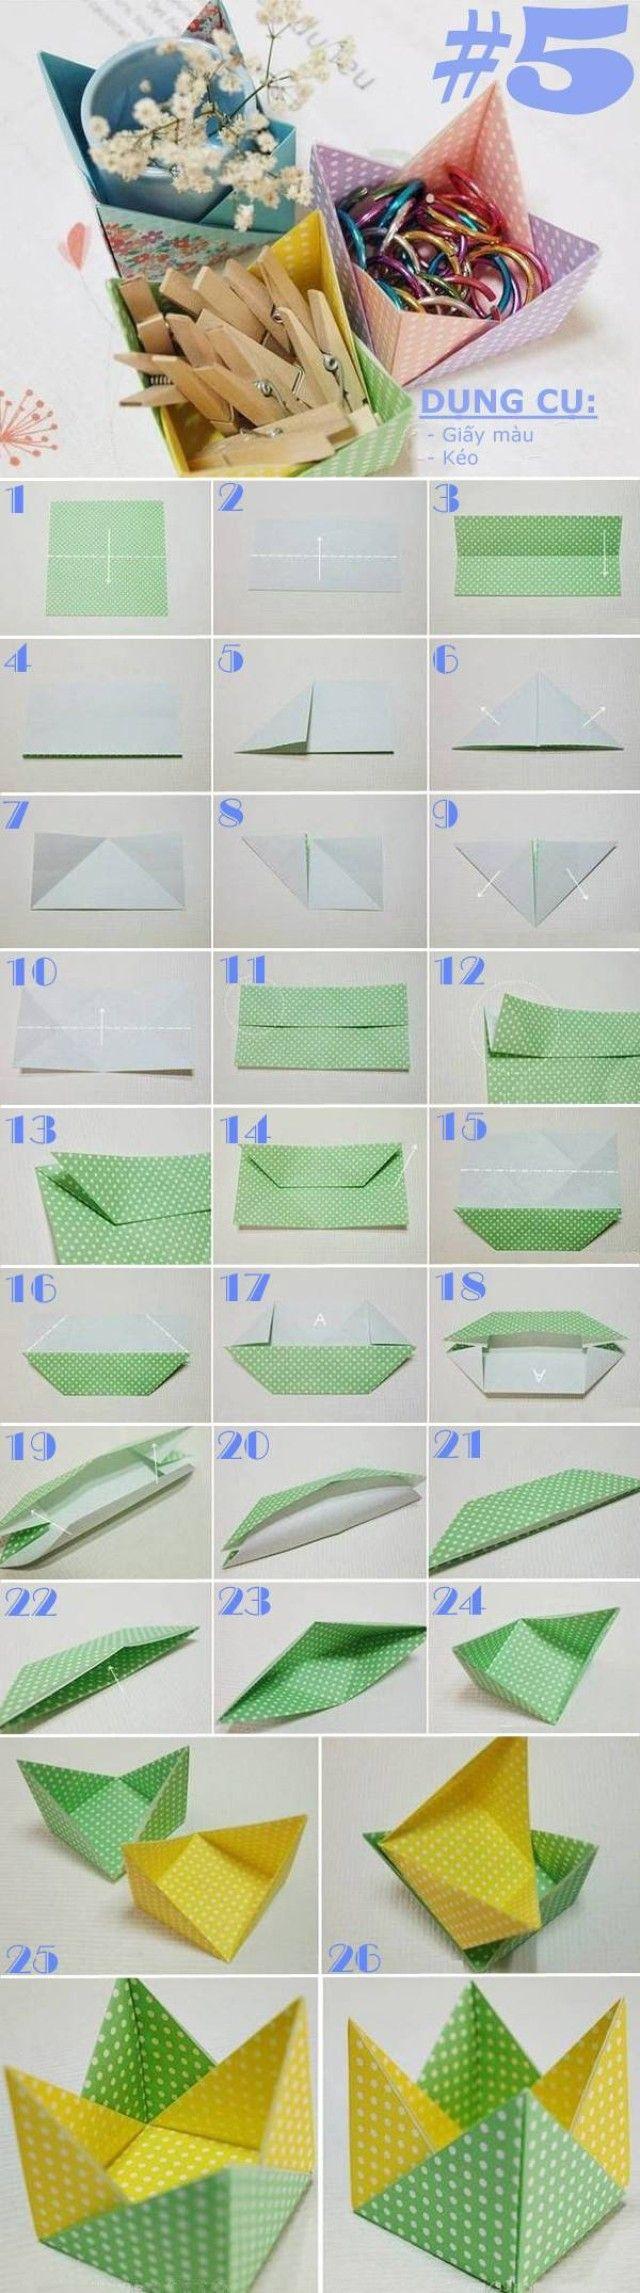 Gấp giấy thành đủ kiểu hộp đựng đồ hữu ích | Kenh14 Mobile